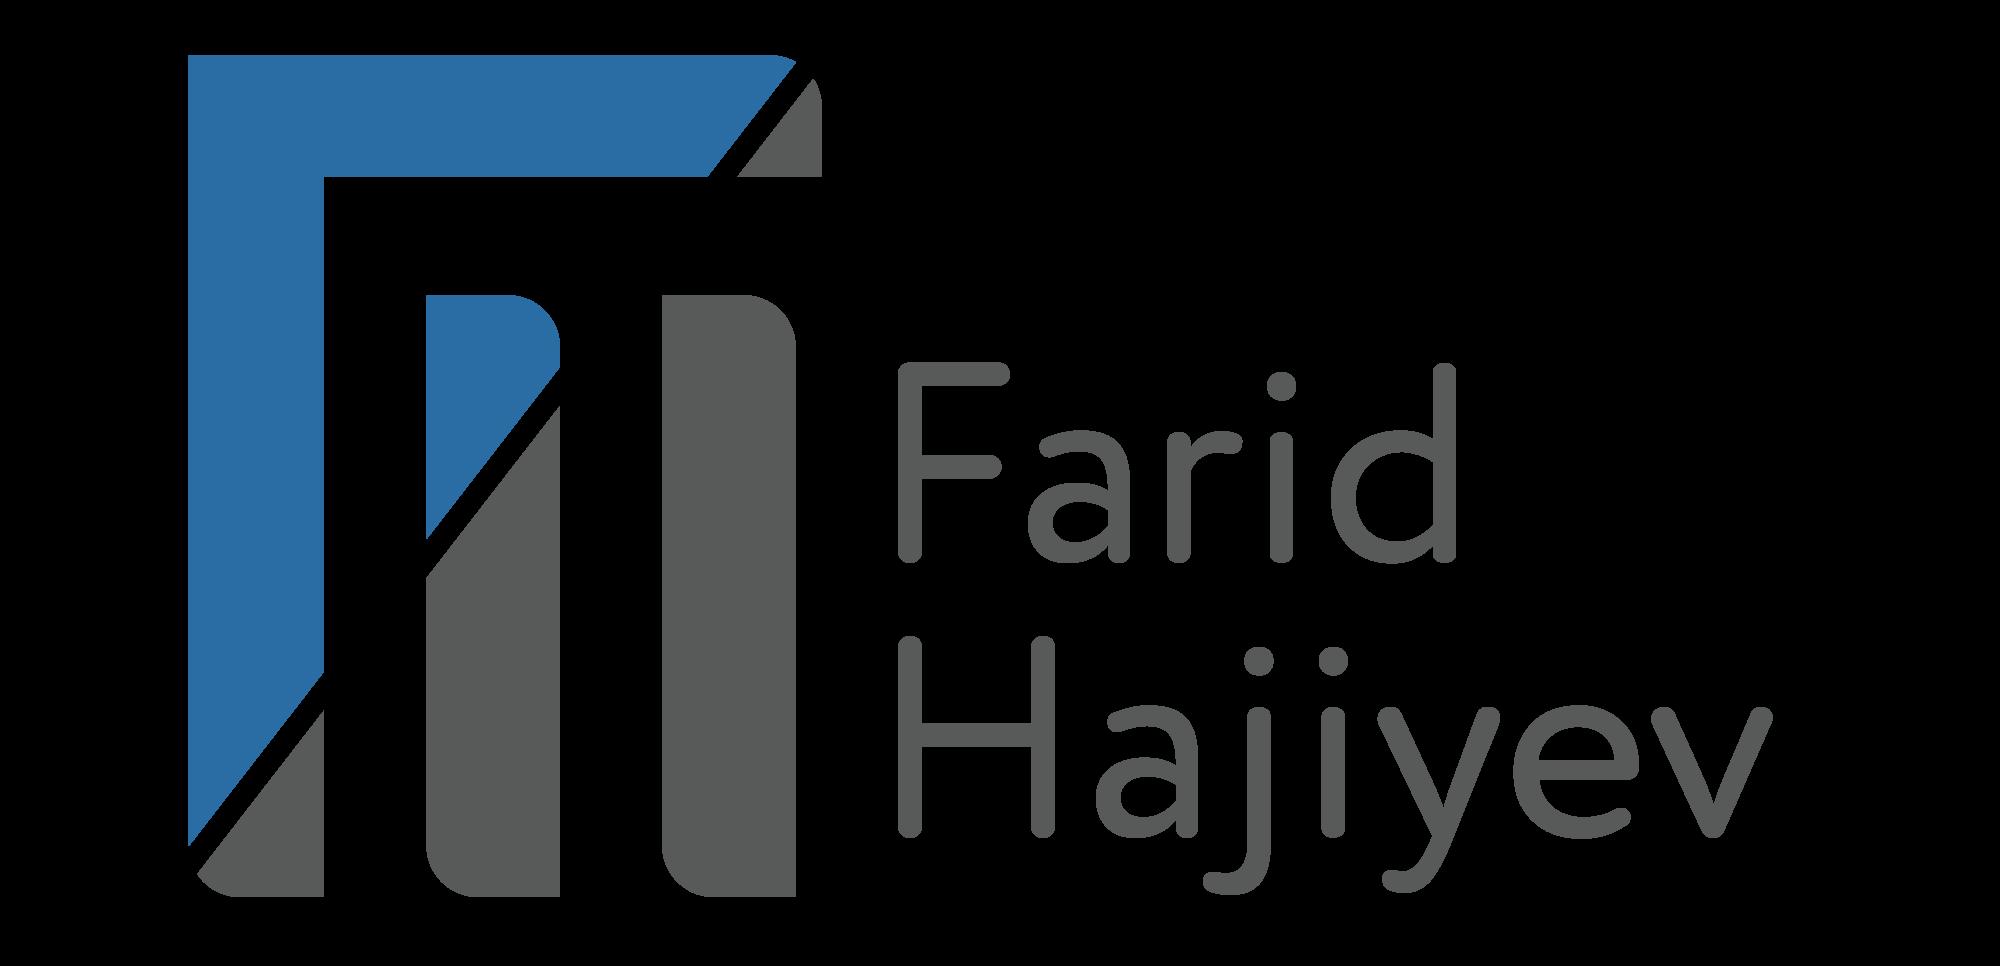 Fərid Hacıyevin bloqu